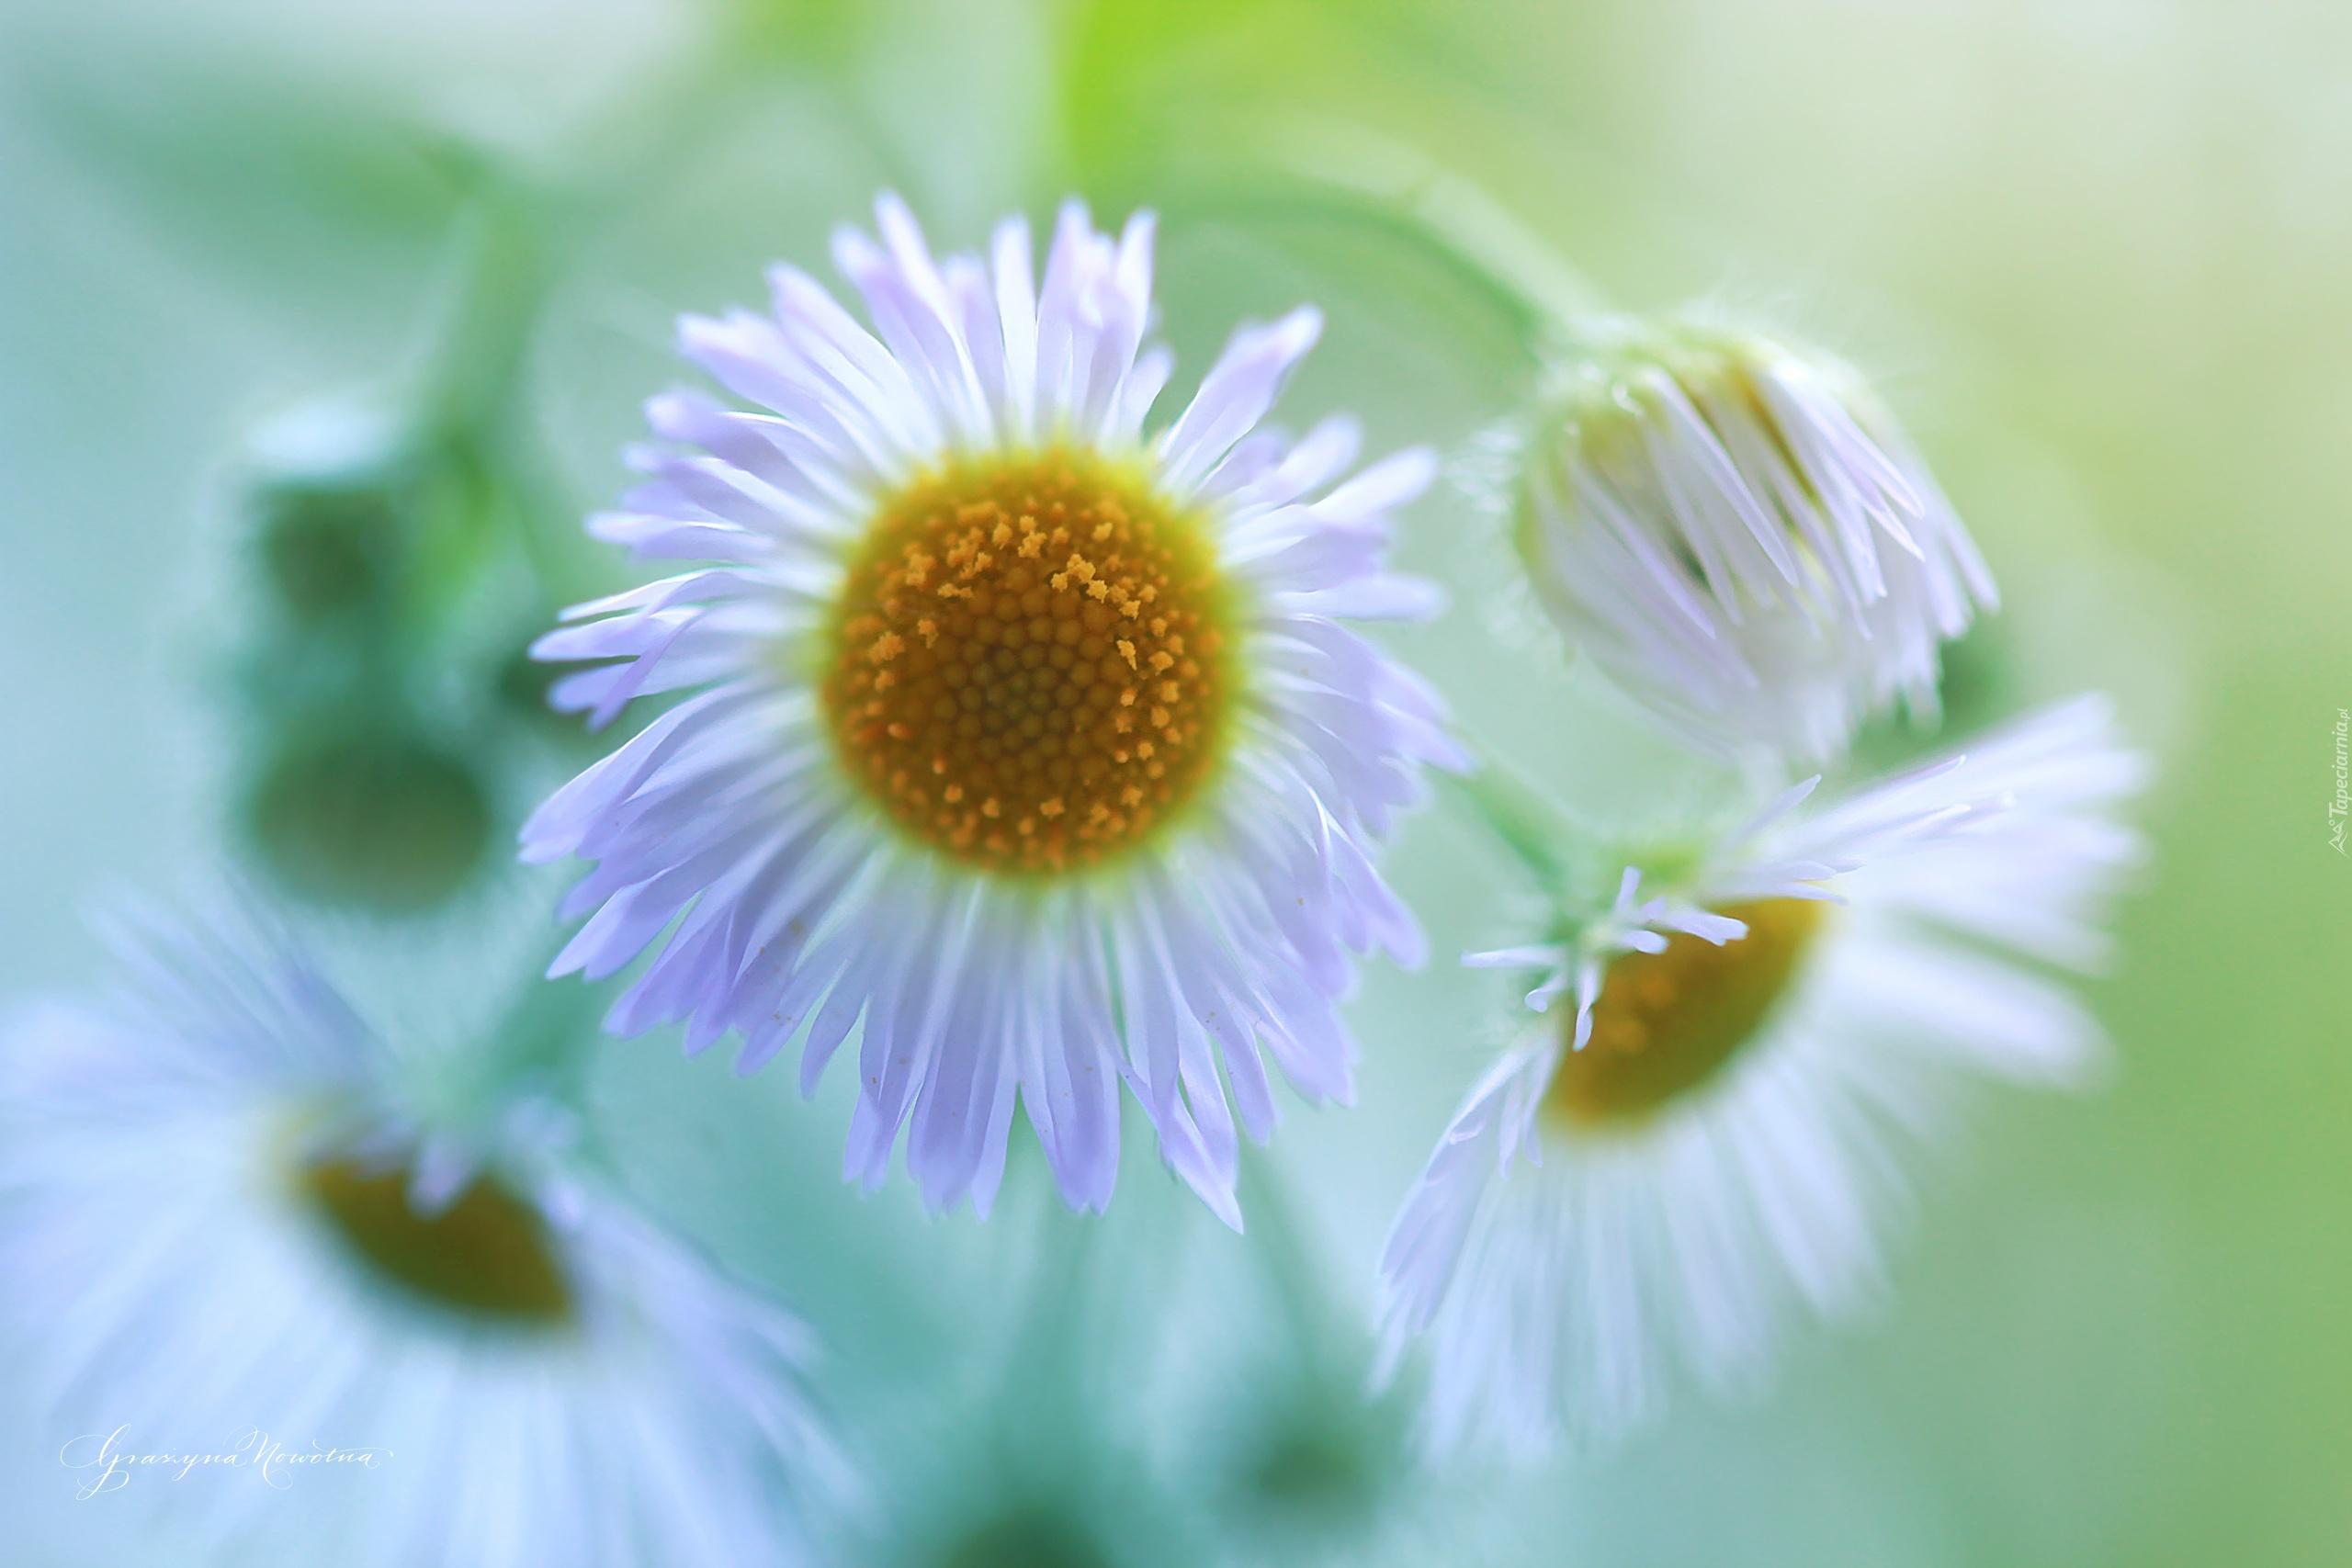 Przymiotno Biale Kwiaty Lakowe